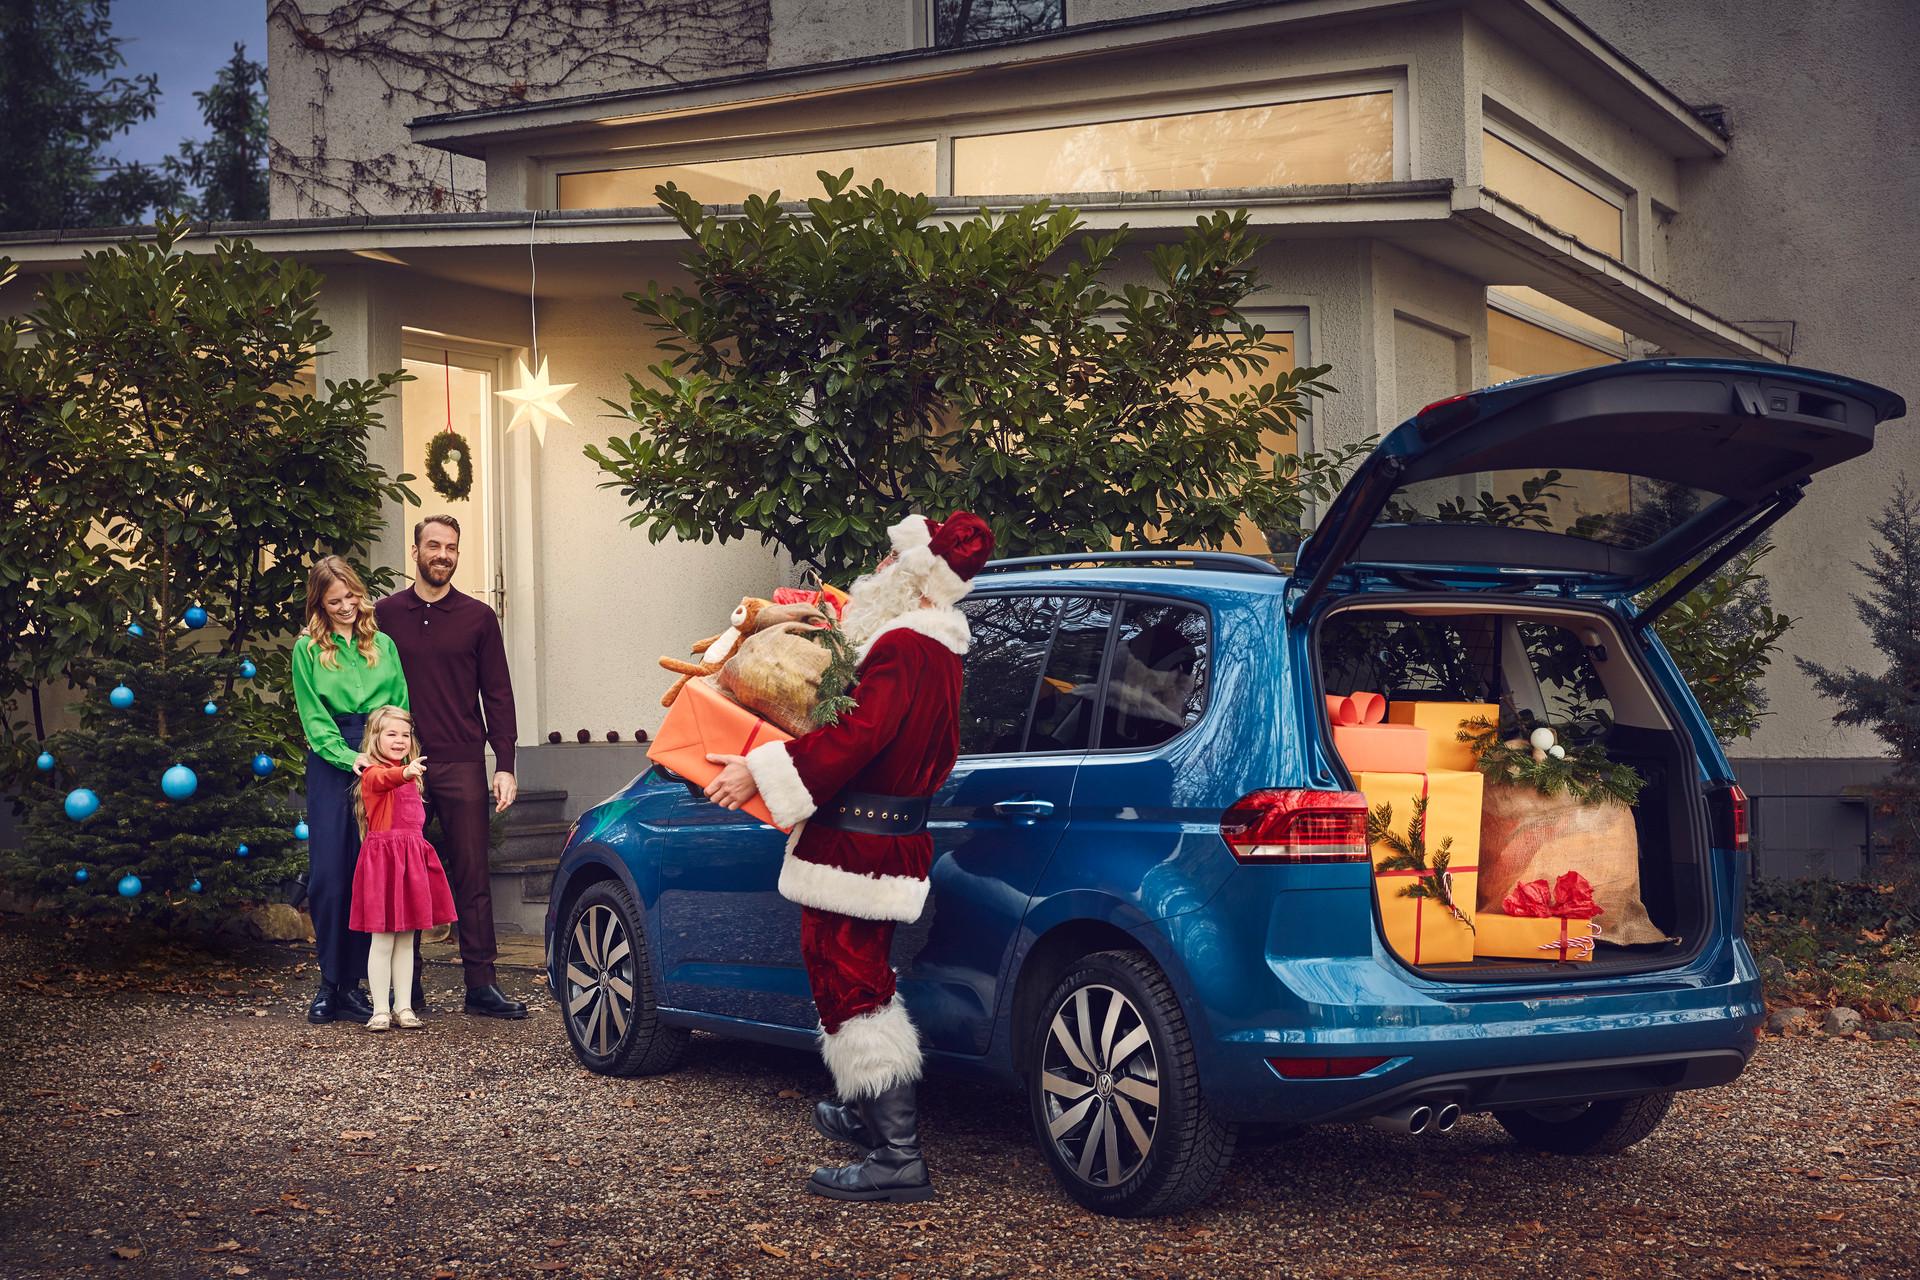 VW_RGB_Weihnachtsmann_at_Work_Motiv_04_2